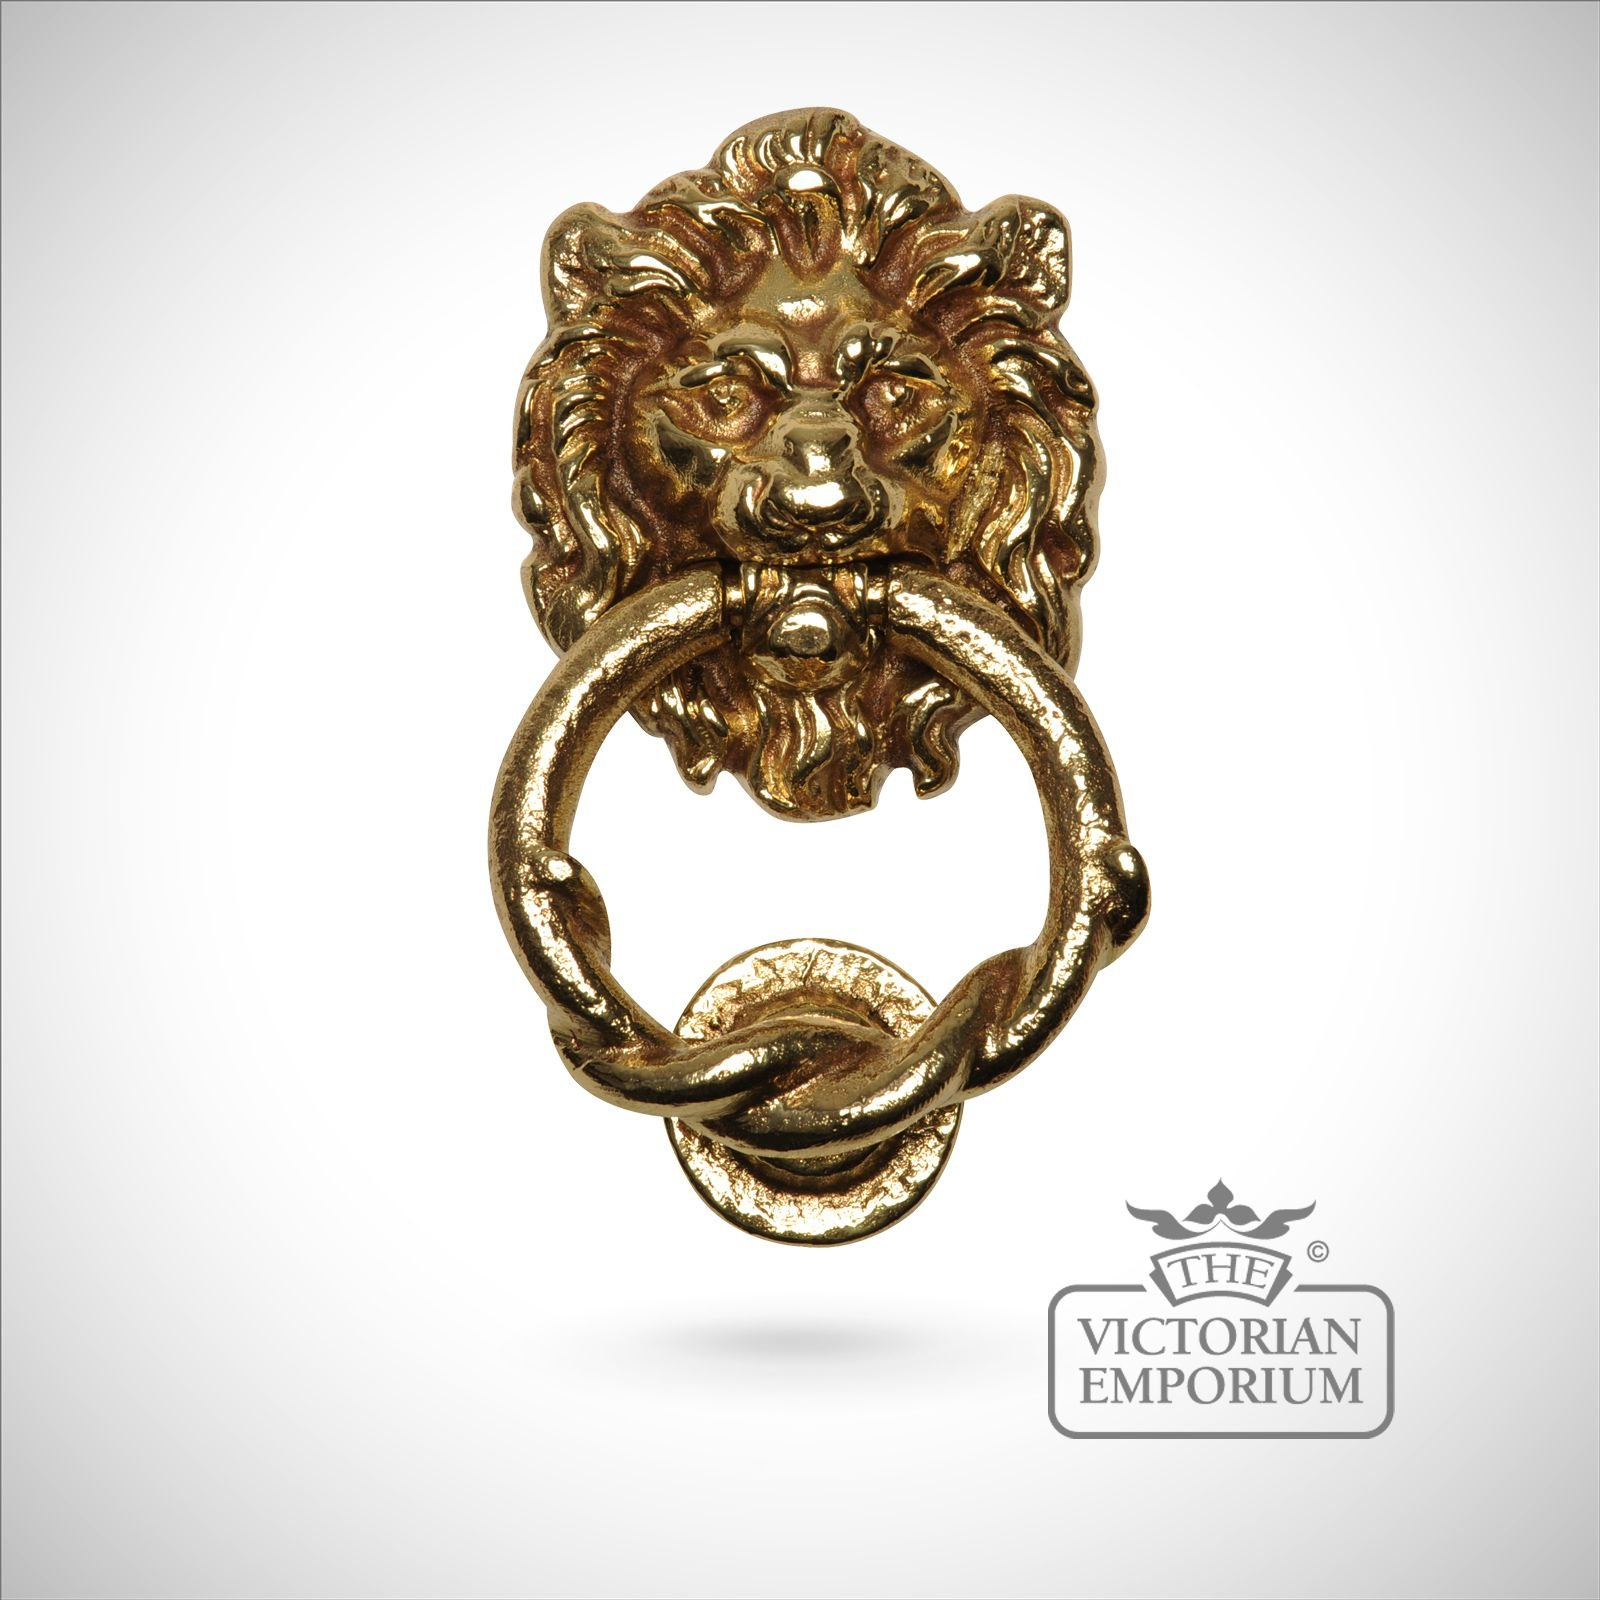 Lions head door knocker door knockers the victorian emporium - Lion head brass door knocker ...